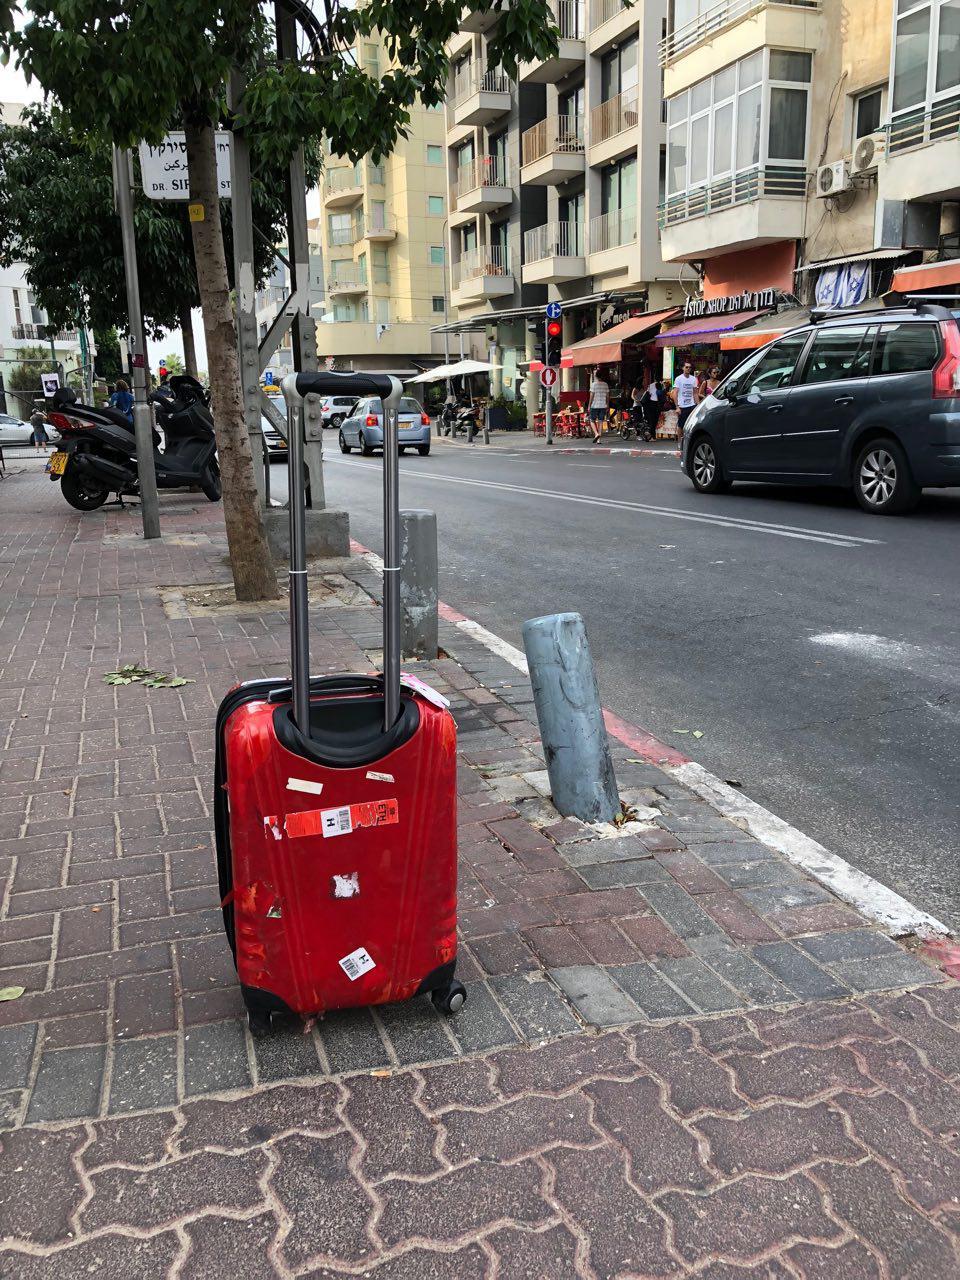 עכשיו תורי להיות תיירת גוררת מזוודות בבן יהודה (צילום: תיקי גולן)